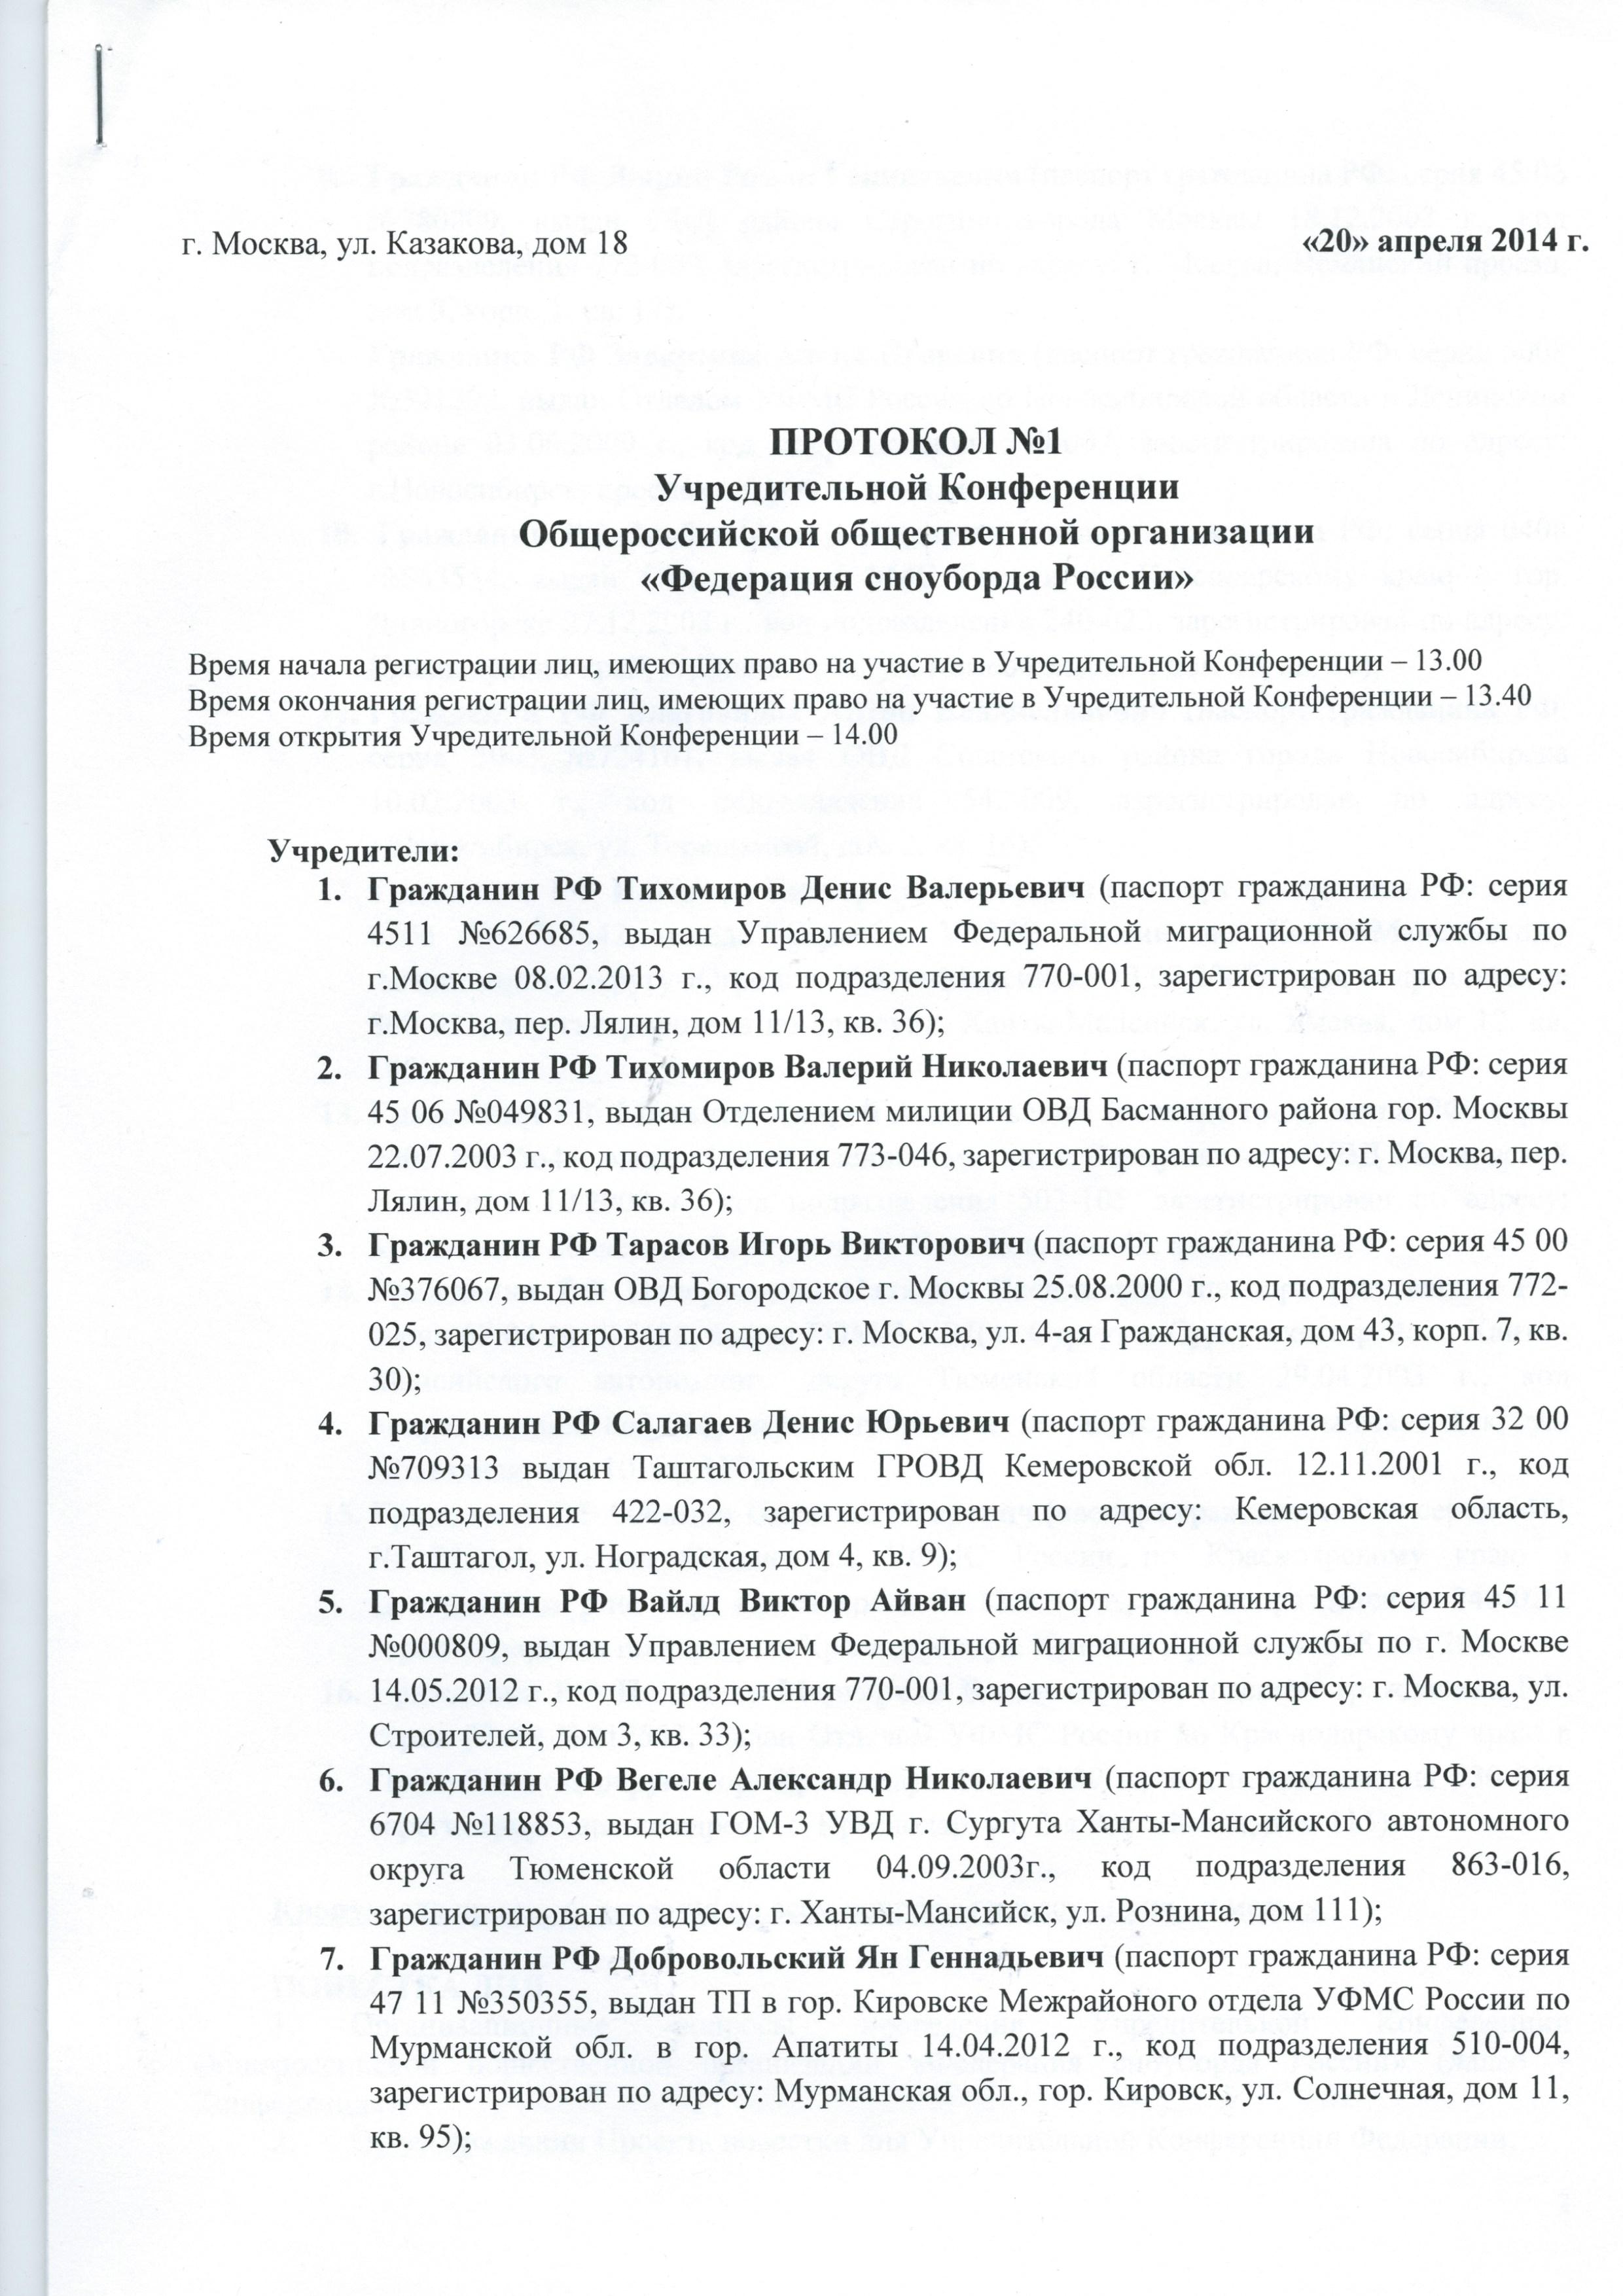 Протокол учредительной конференции № 1 стр.1